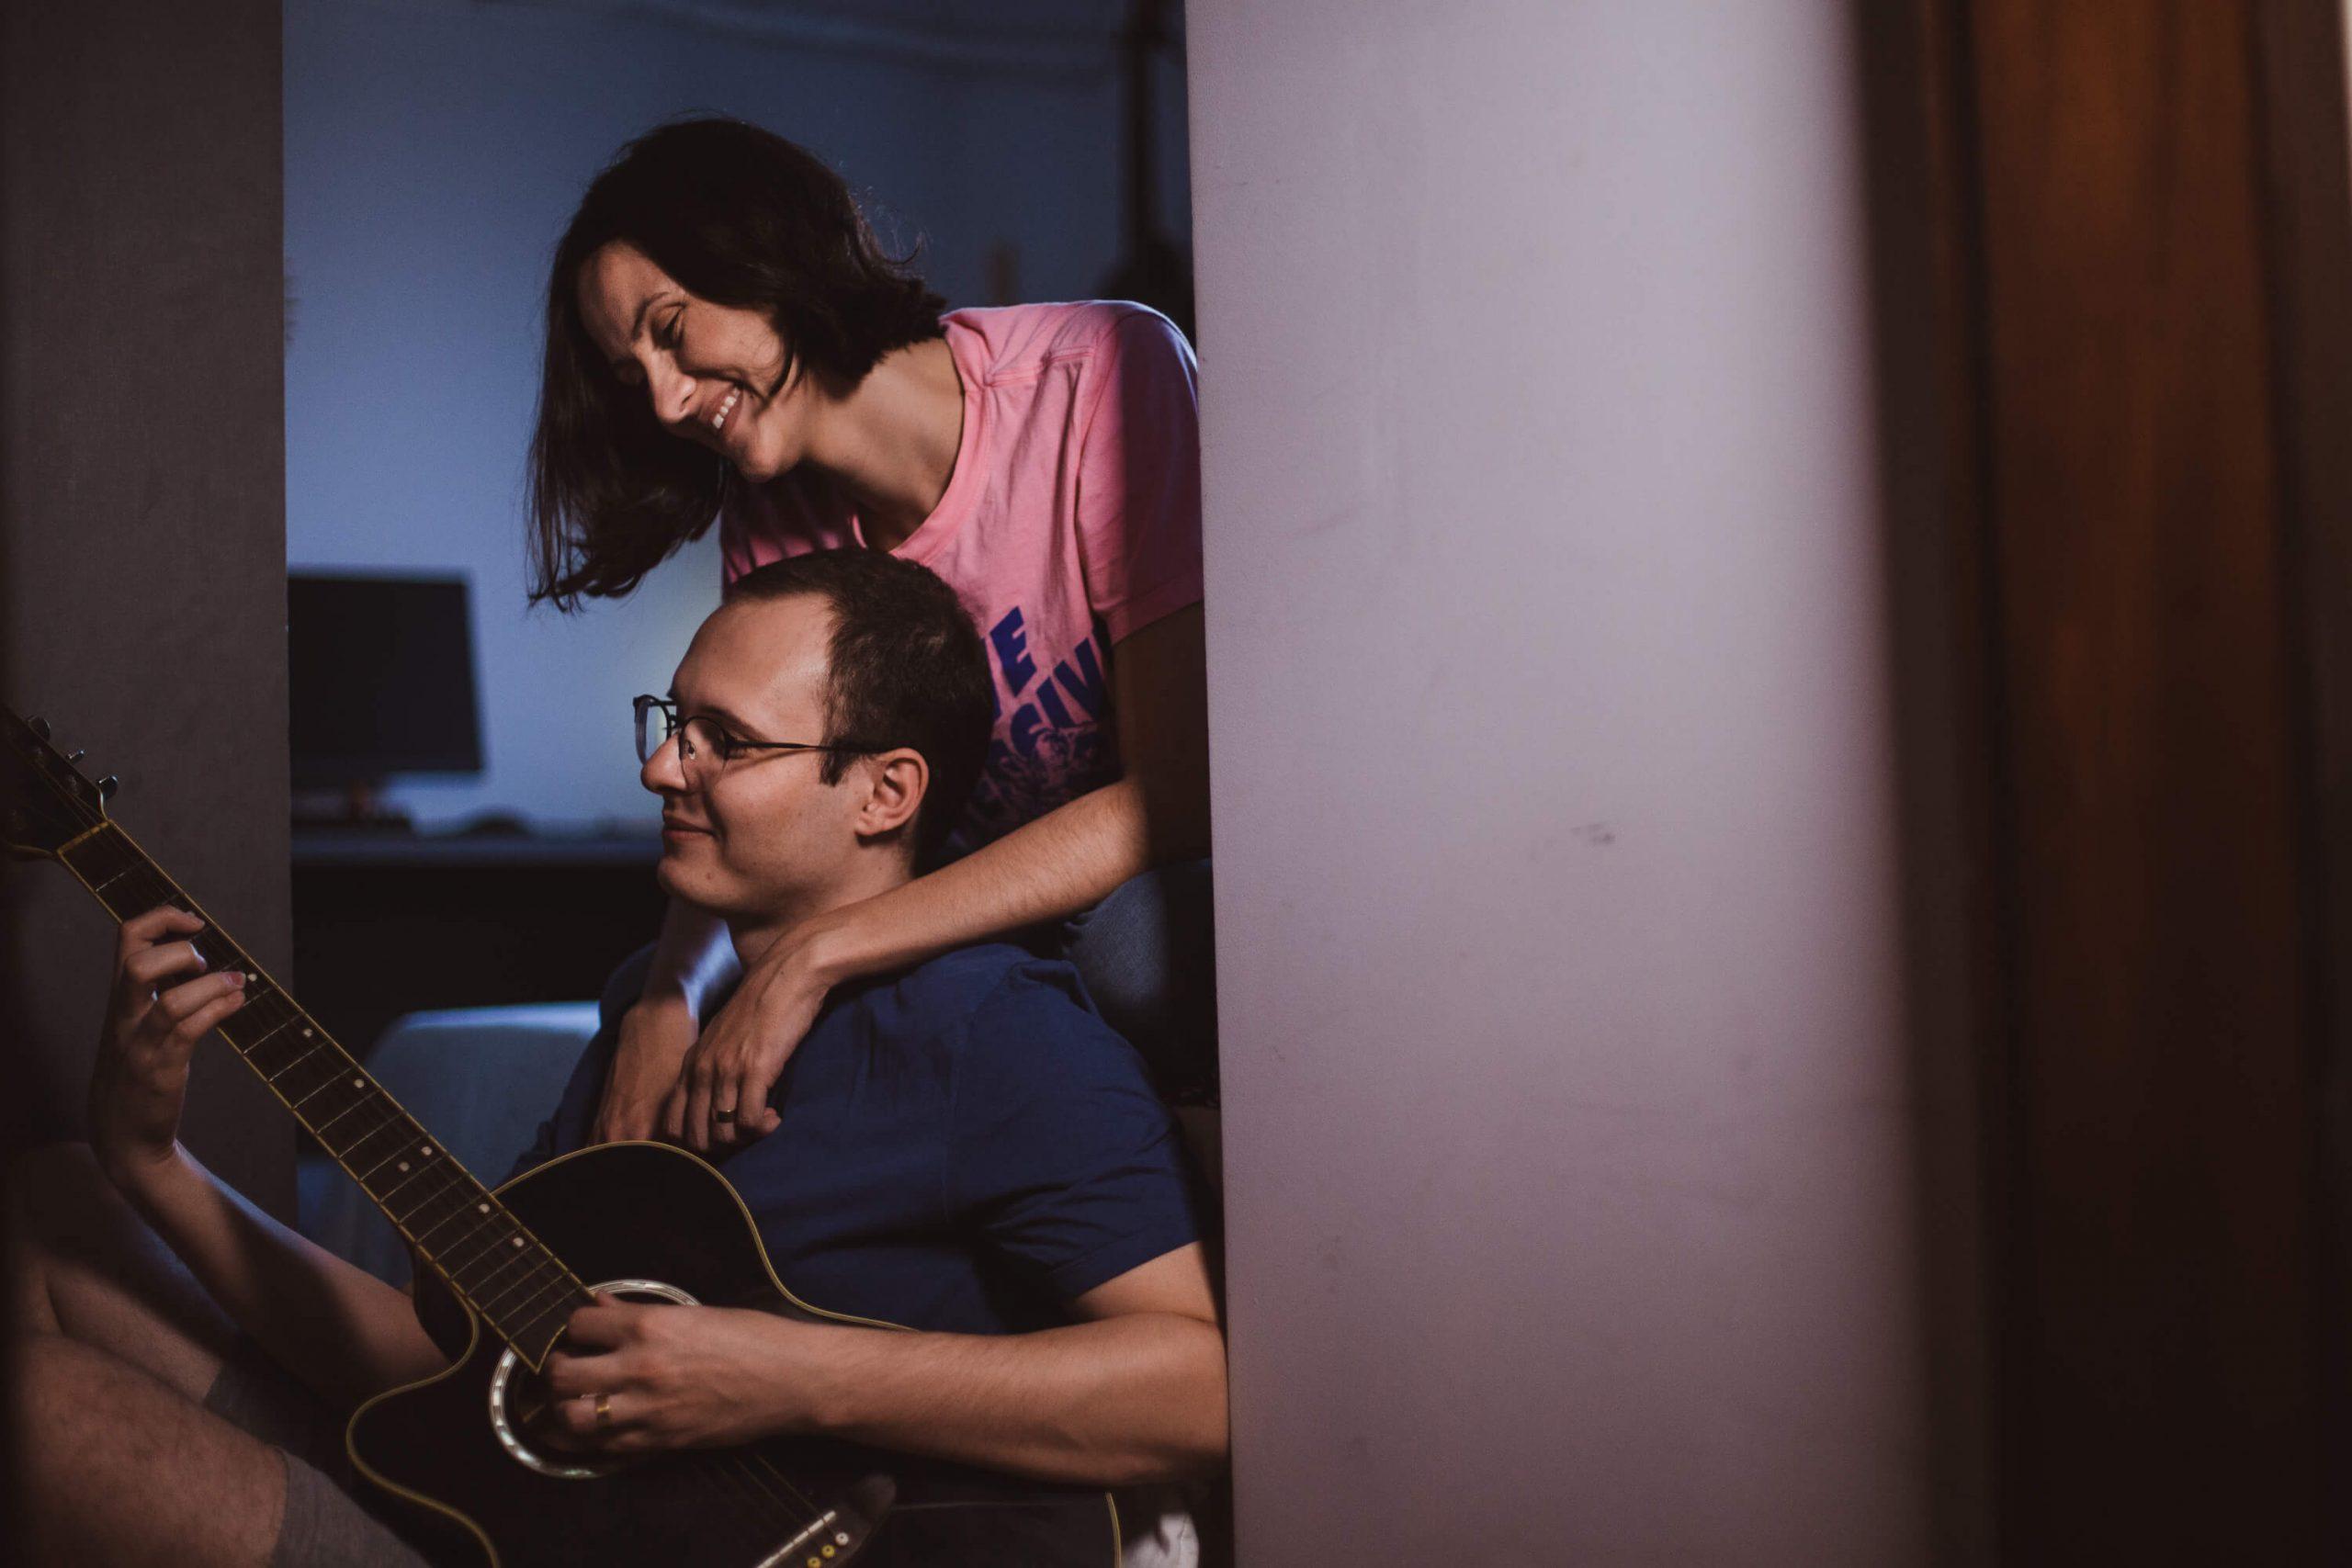 Ensaio de casal com violão